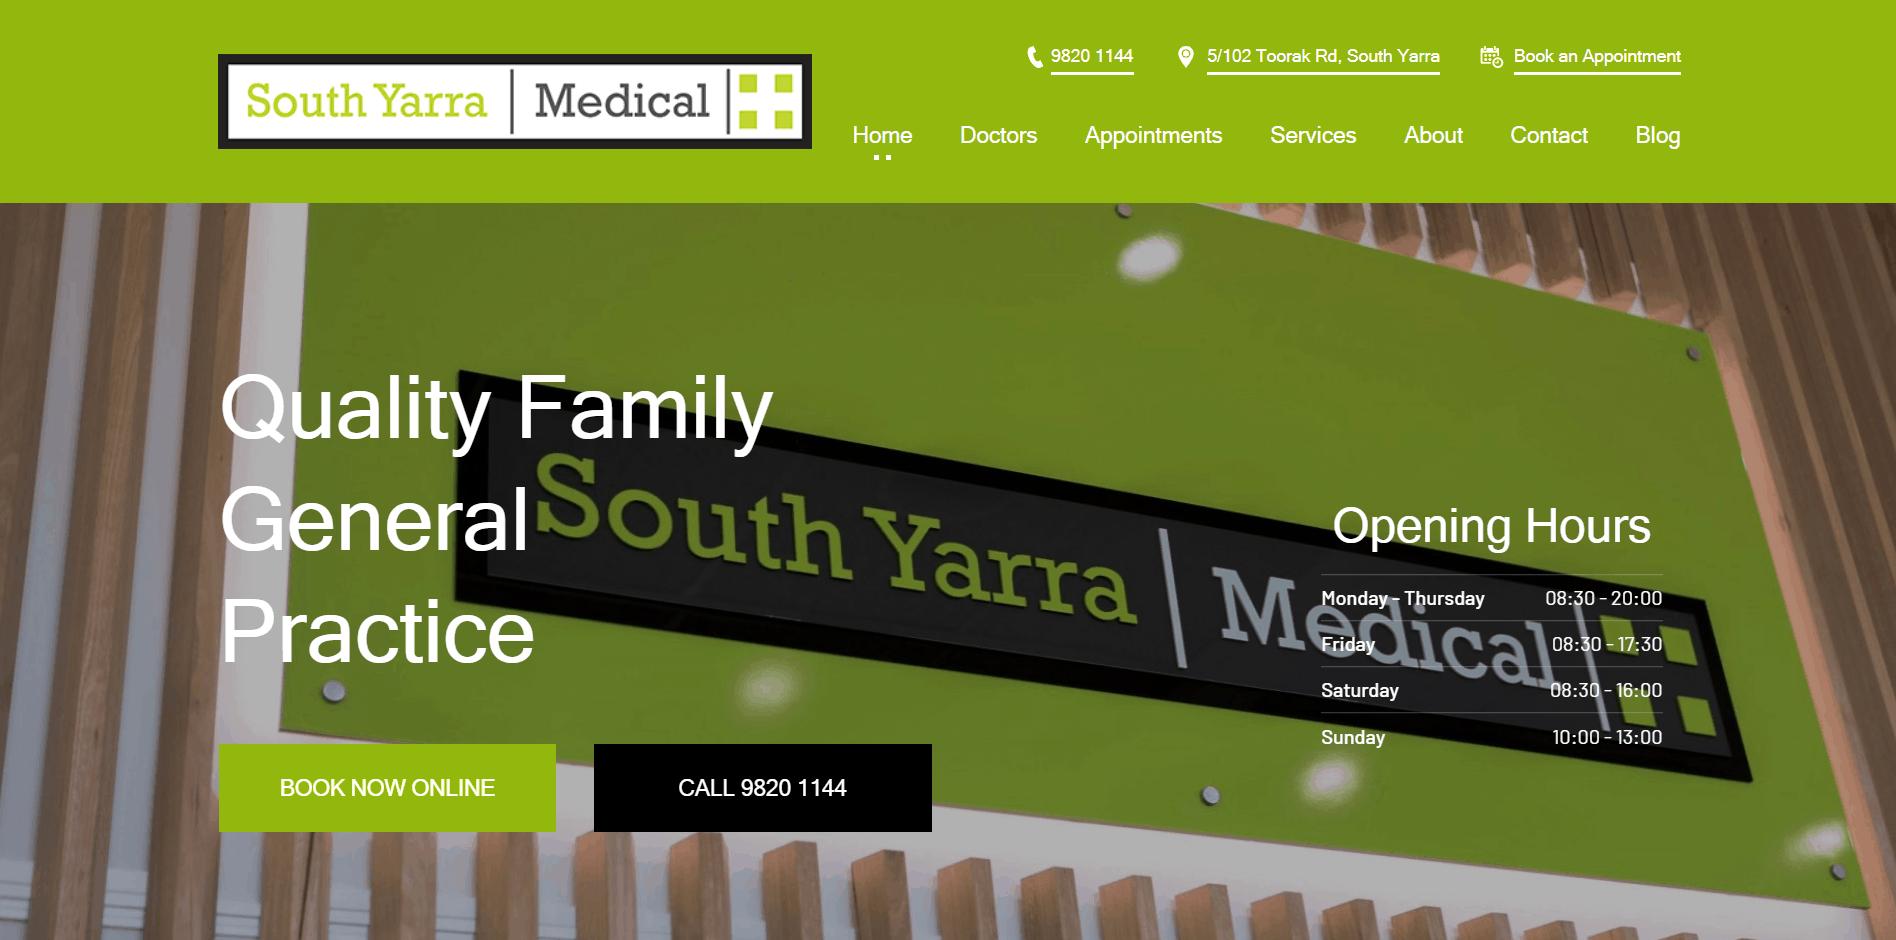 South Yarra Medical